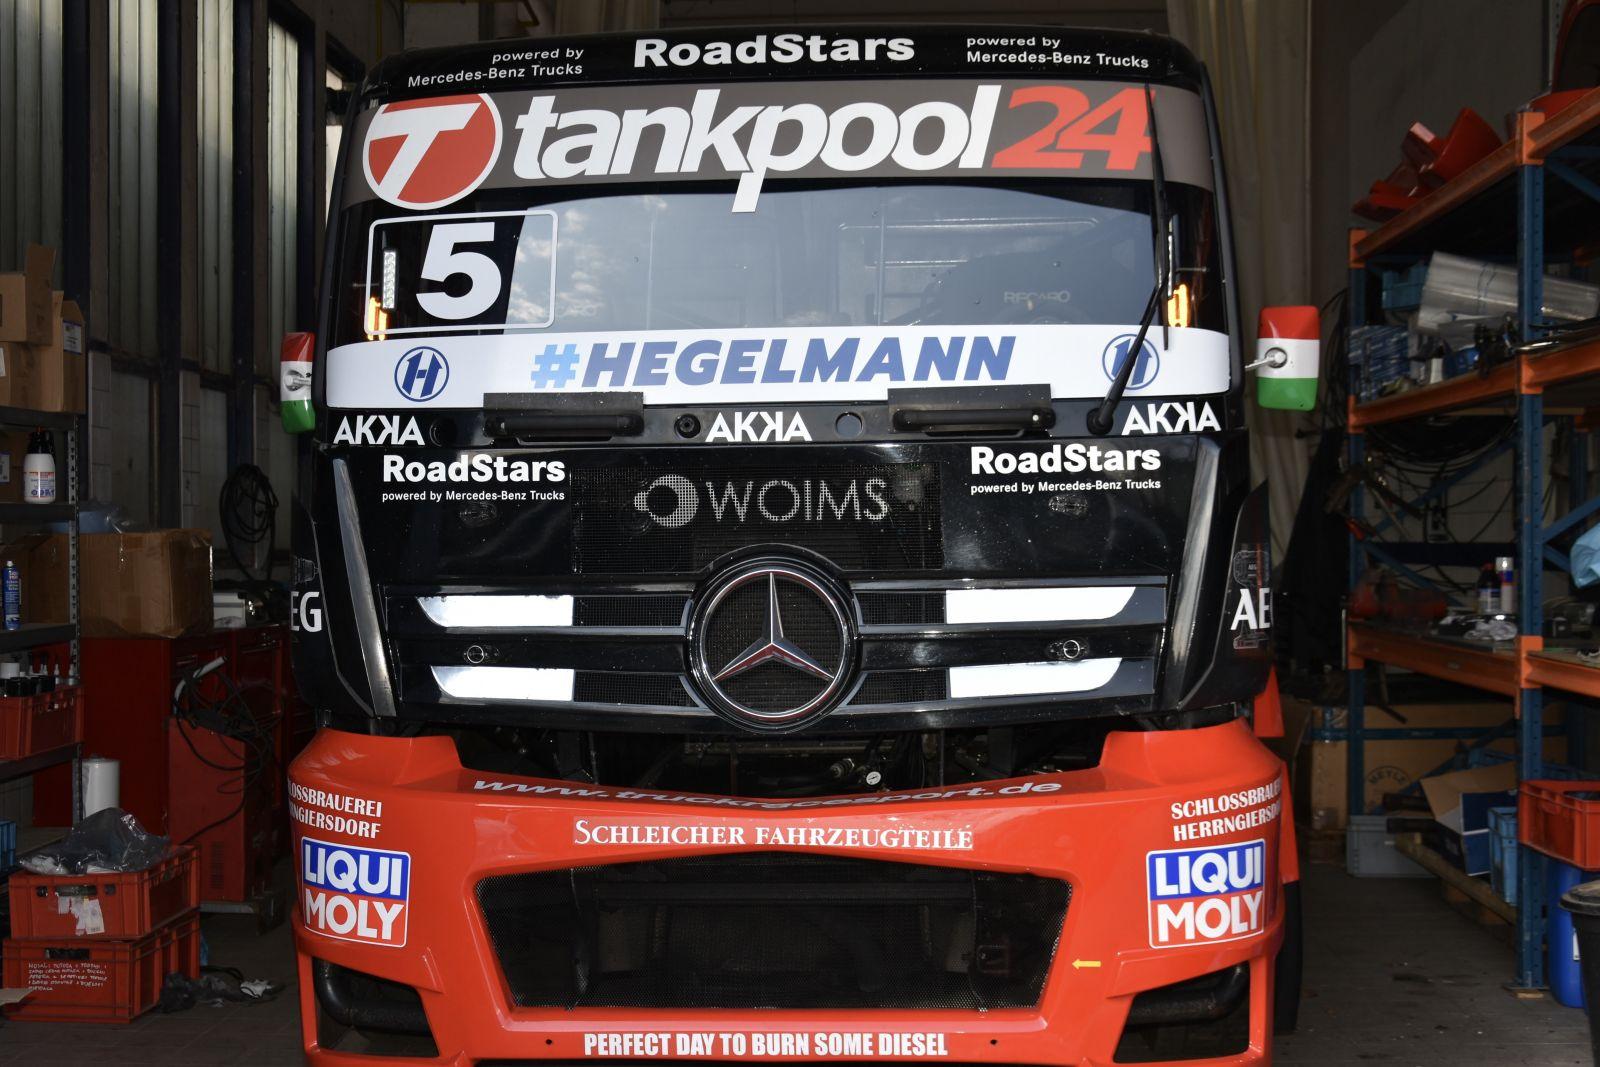 13761cc94e Régi mérnökével készül a 2019-es szezonra Kiss Norbert. A kétszeres  Európa-bajnok magyar kamionversenyző idén is marad a német Tankpool24  csapatnál, ...